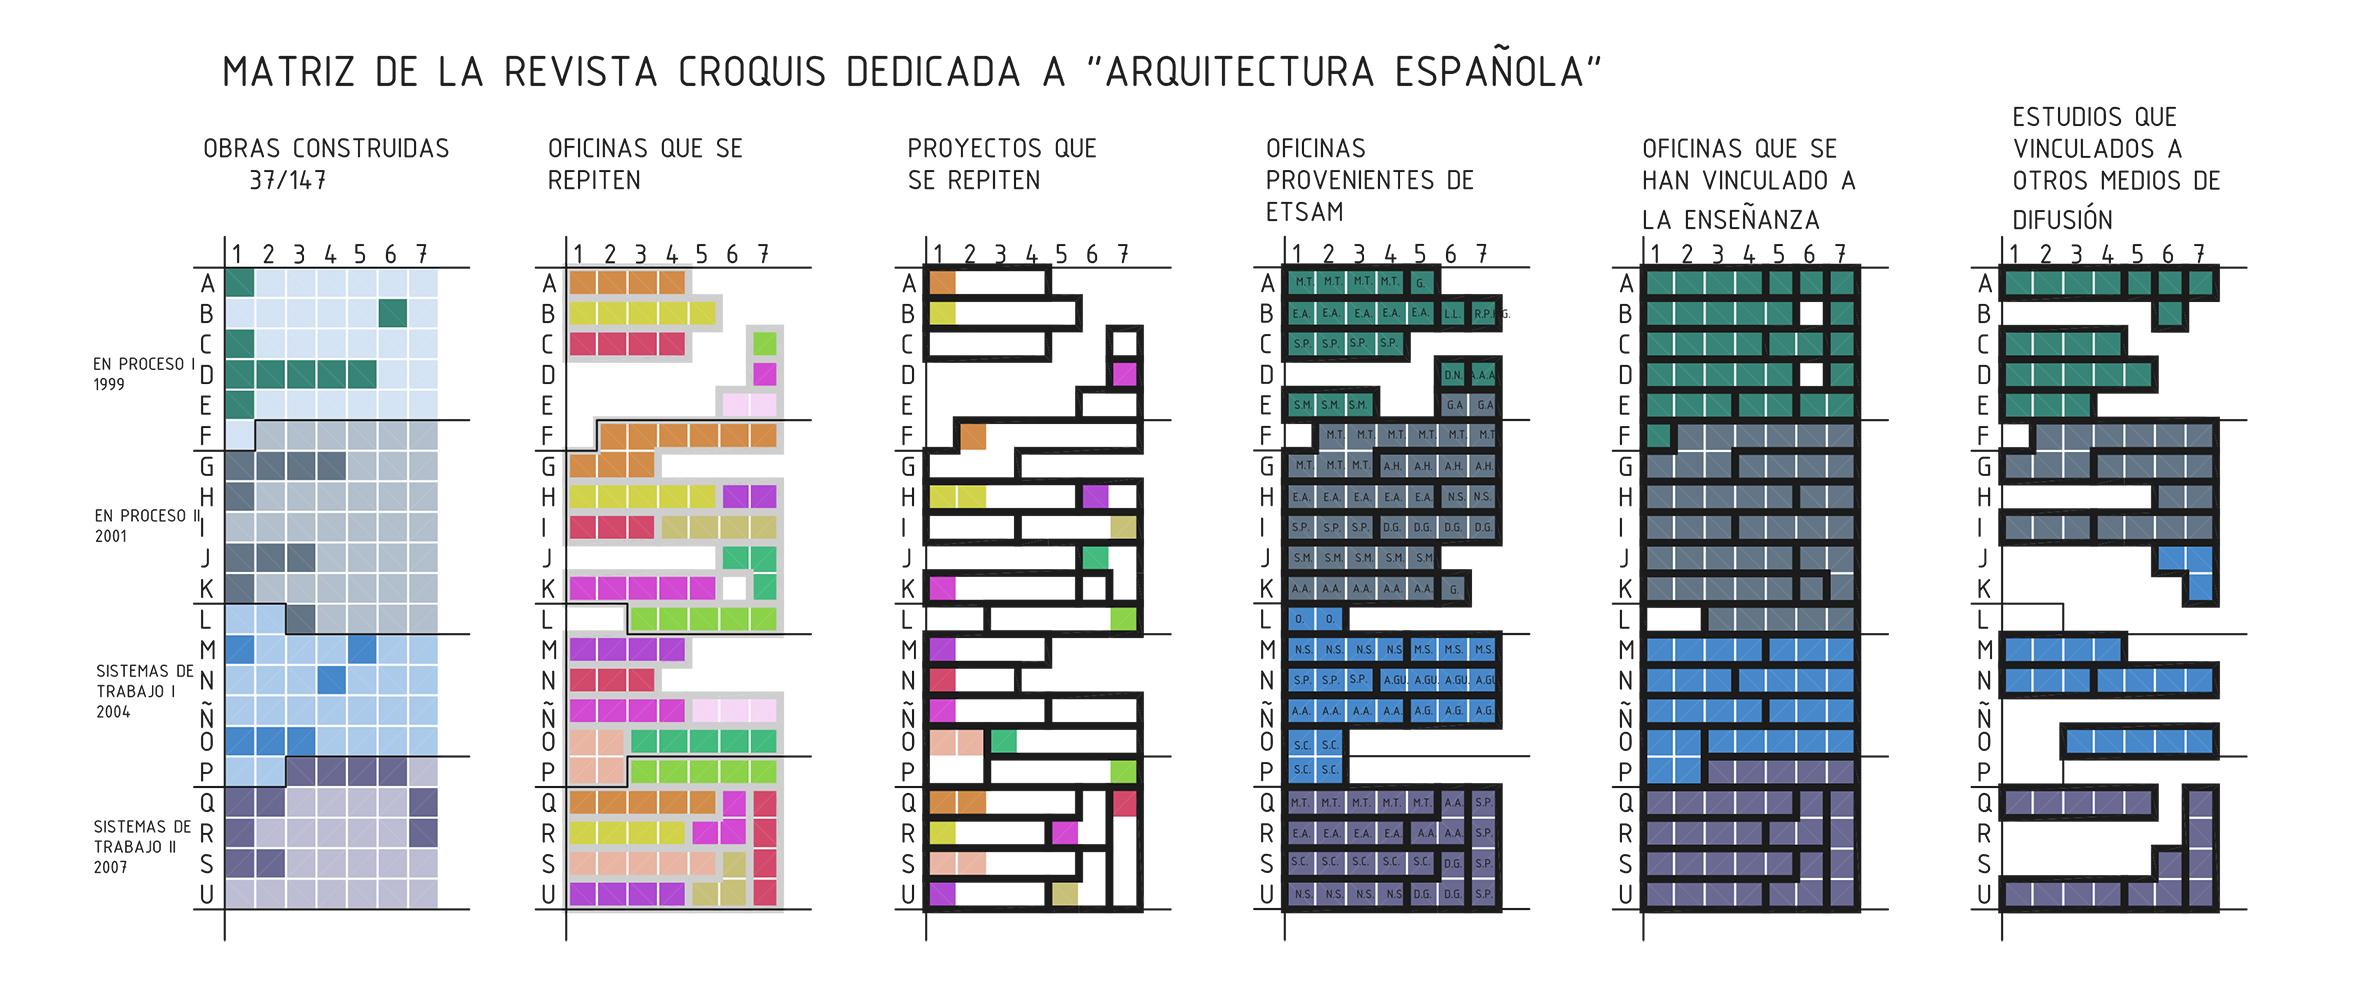 Las revistas de arquitectura espa olas difusi n y poder for Arquitectura de espana